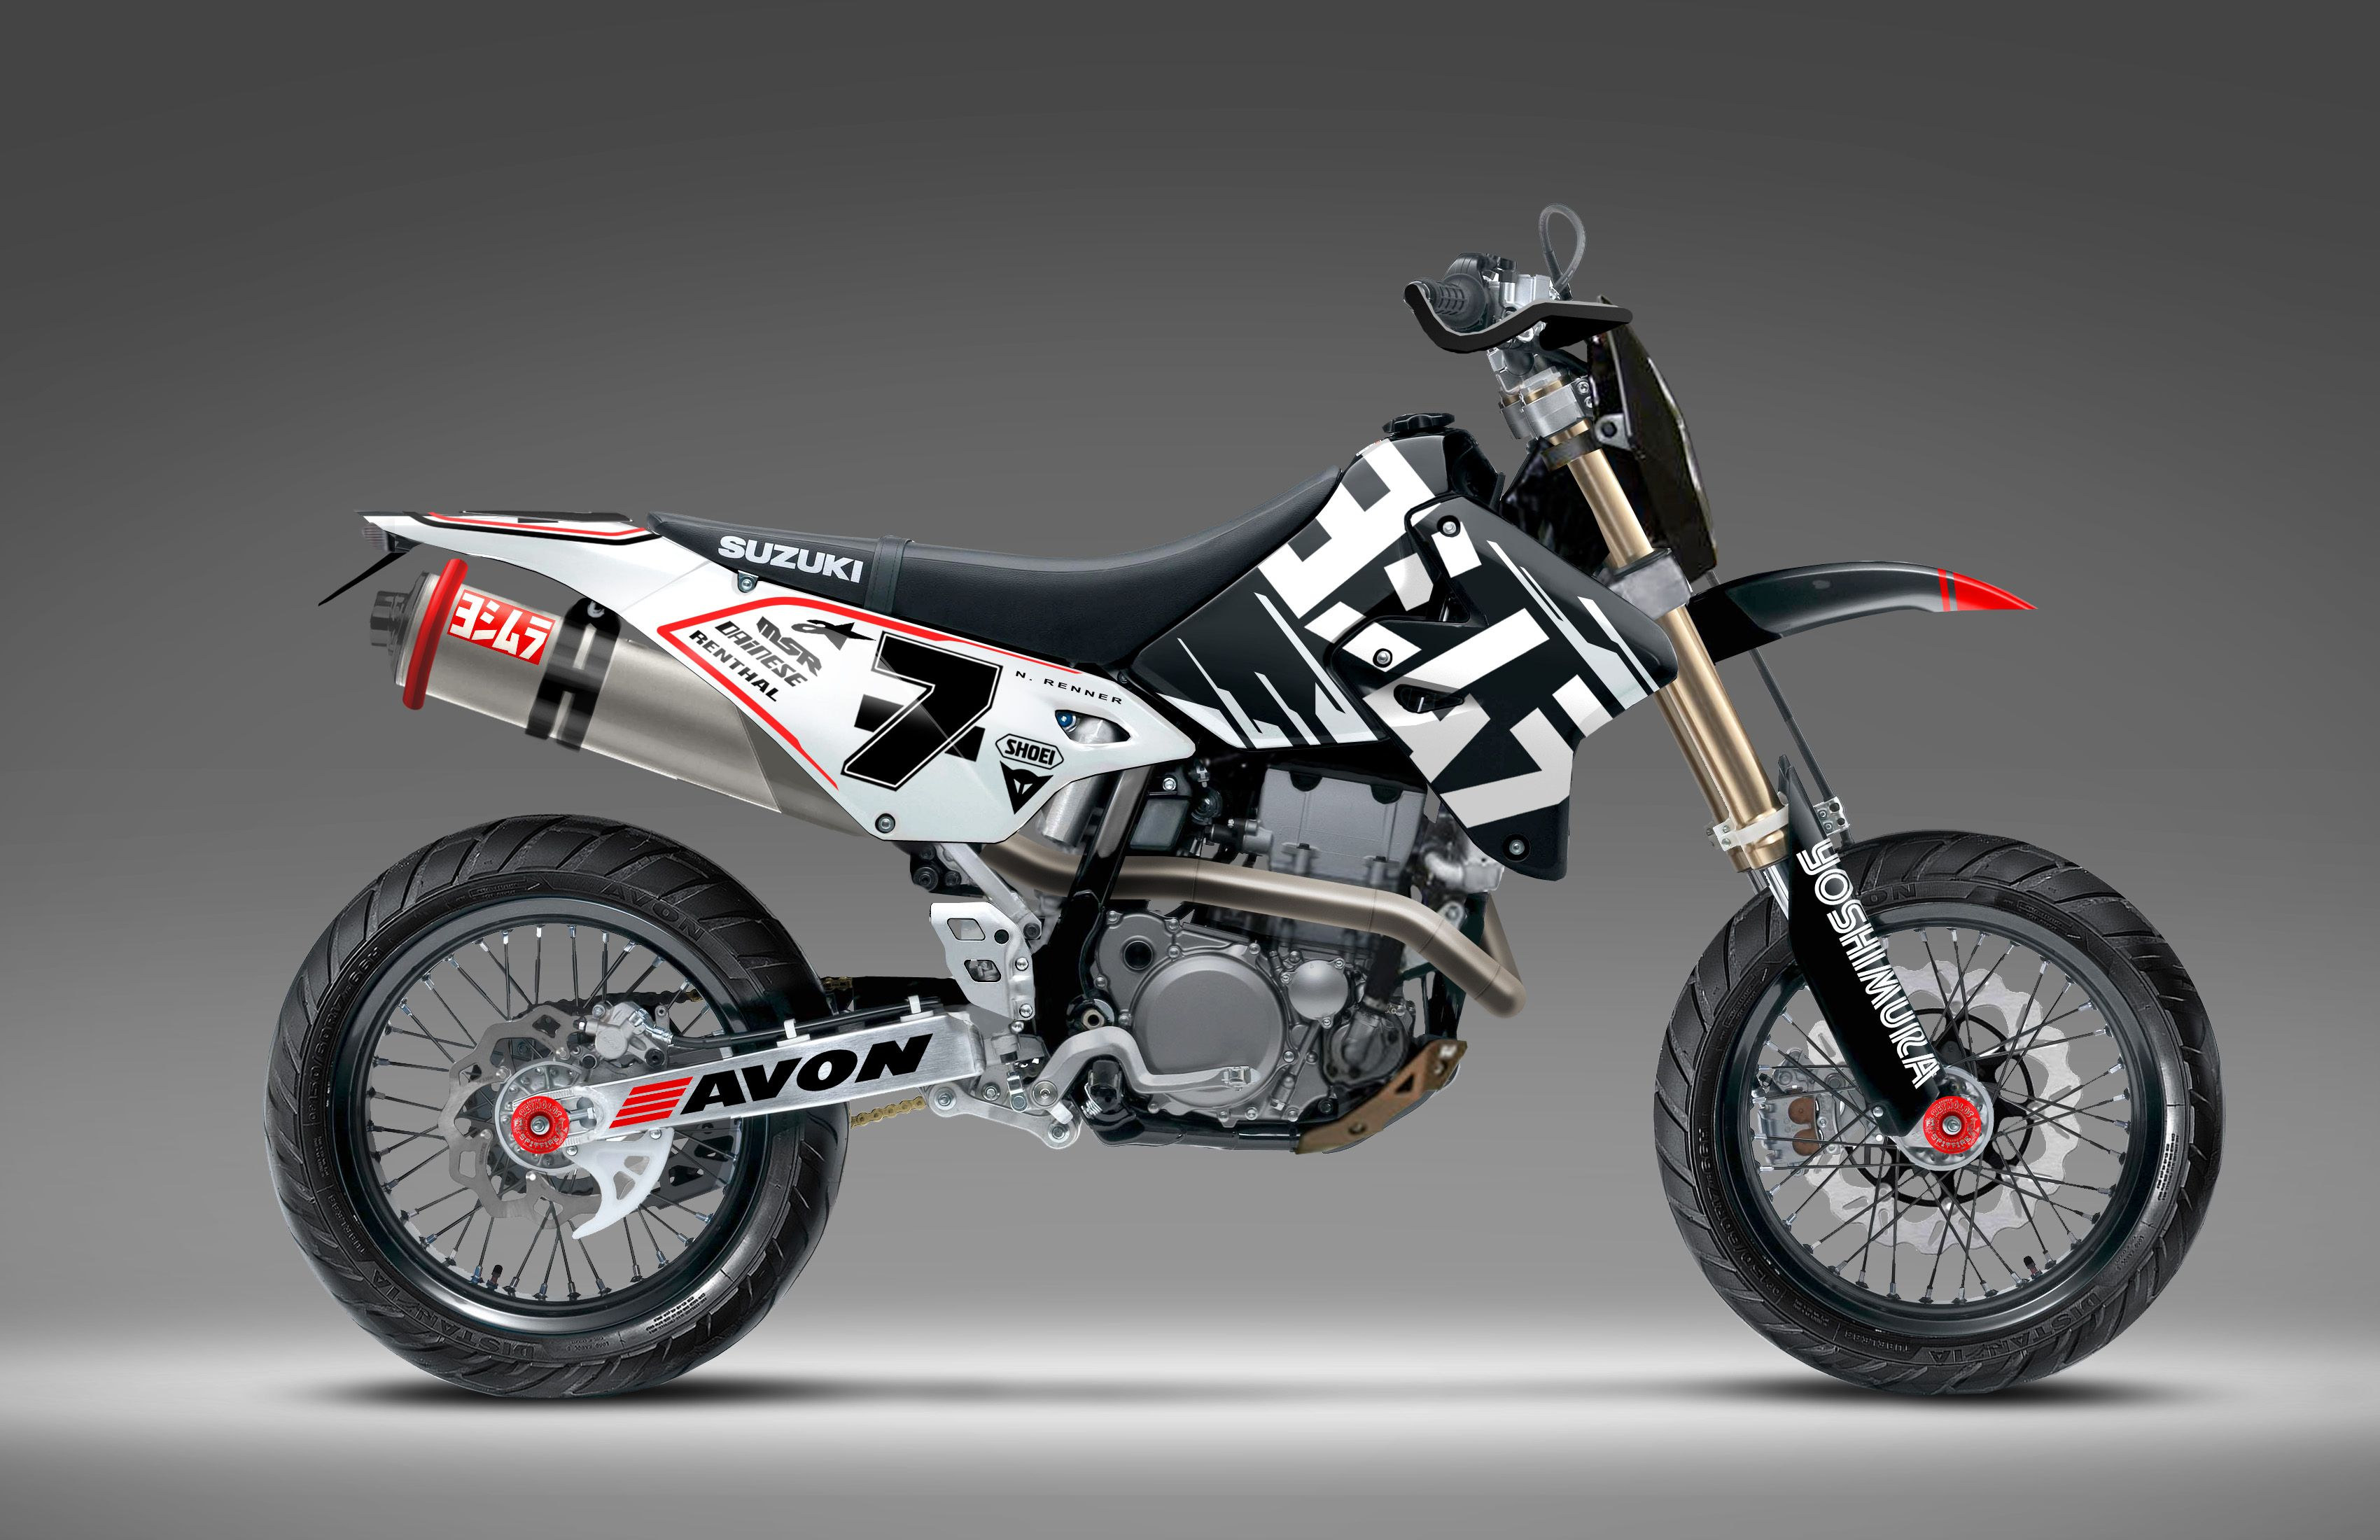 Drz400 モトクロス モタード スーパーバイク